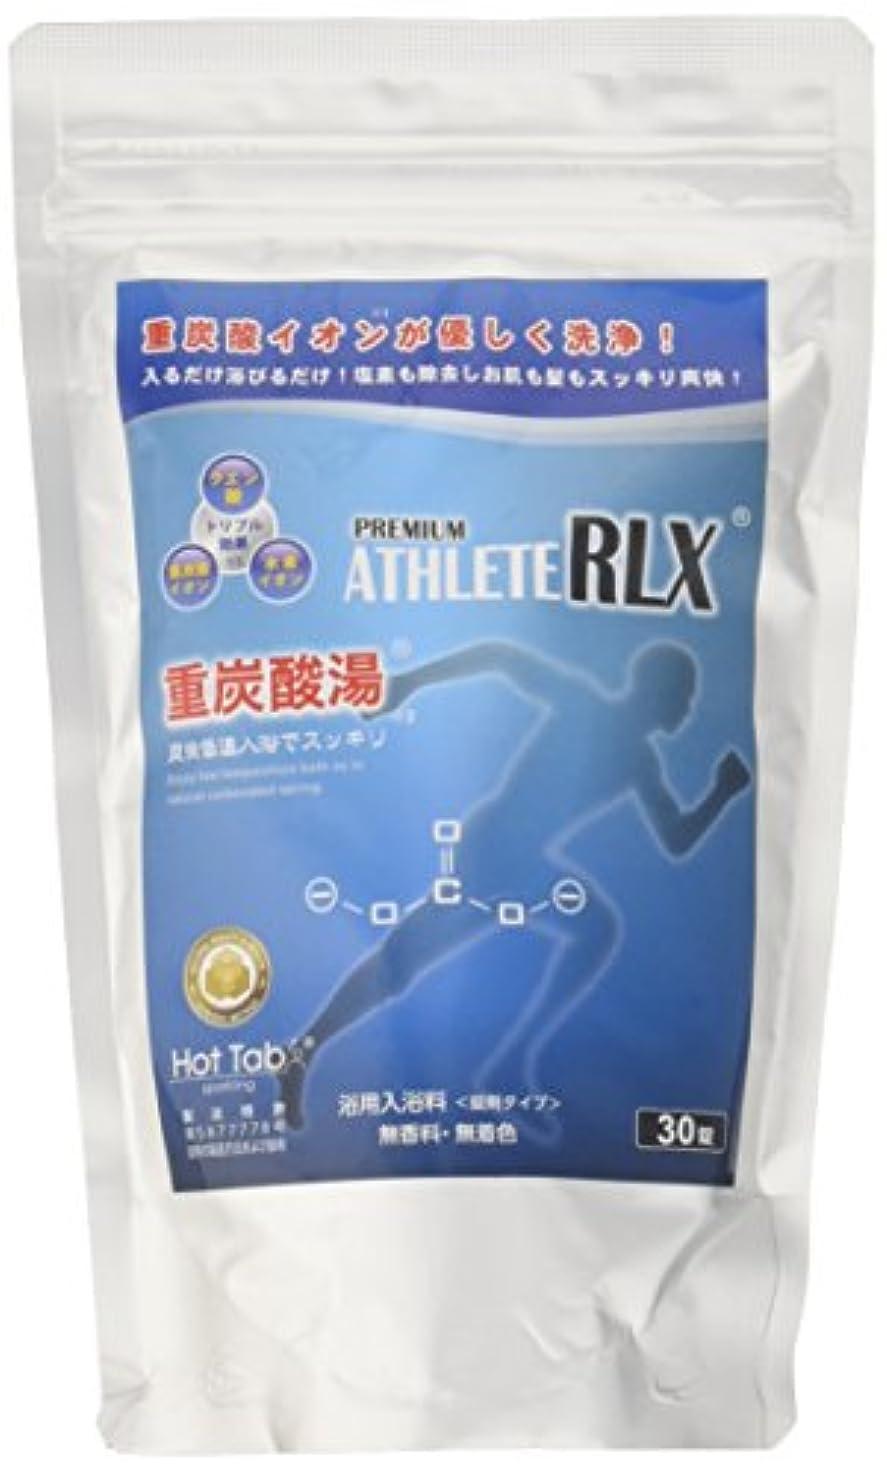 ホットアルバムコム 新PREMIUM ATHLETE RLX重炭酸湯(プレミアムアスリートRLX) 30錠入り